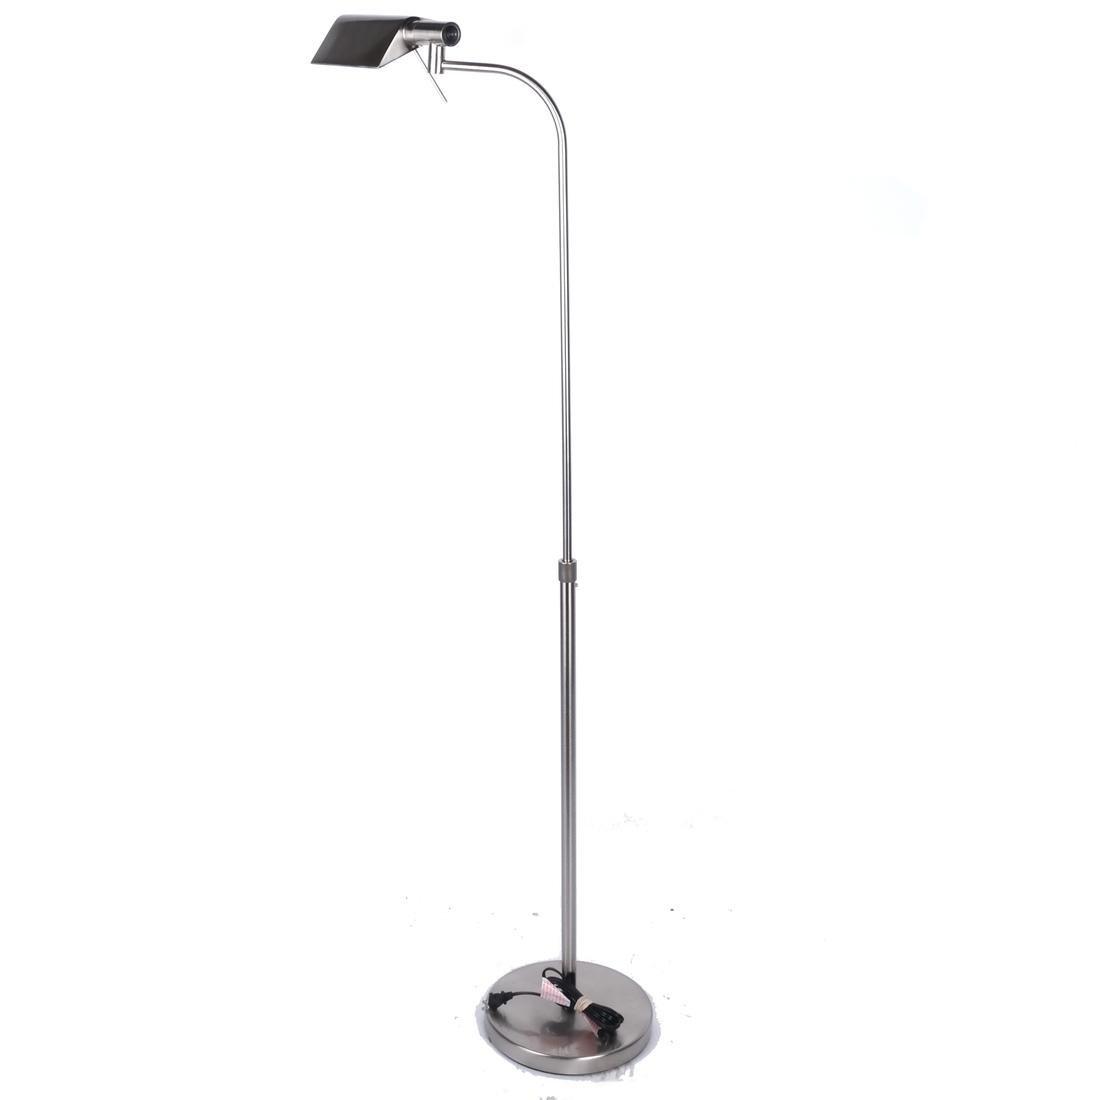 Luminiere-Style Modern Floor Lamp